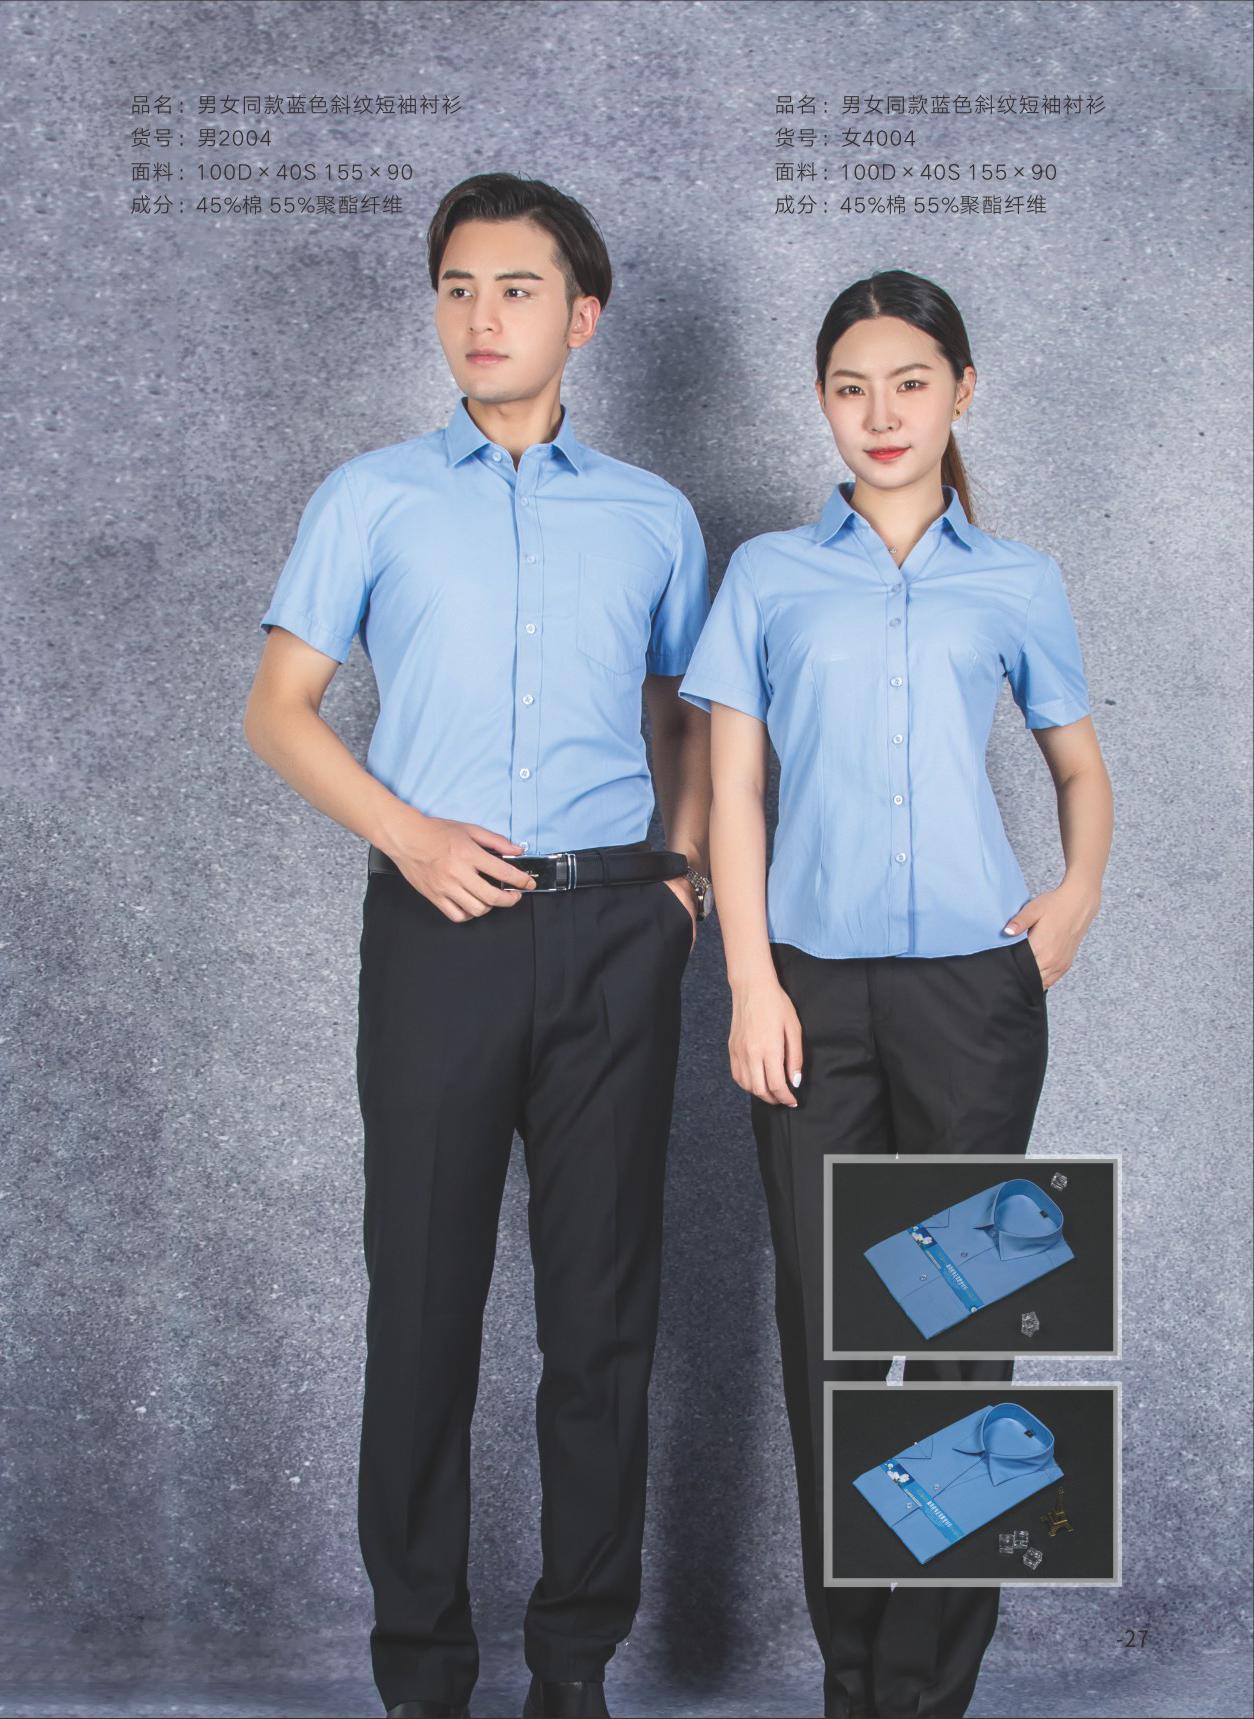 常熟职业衬衫推荐厂家,衬衫